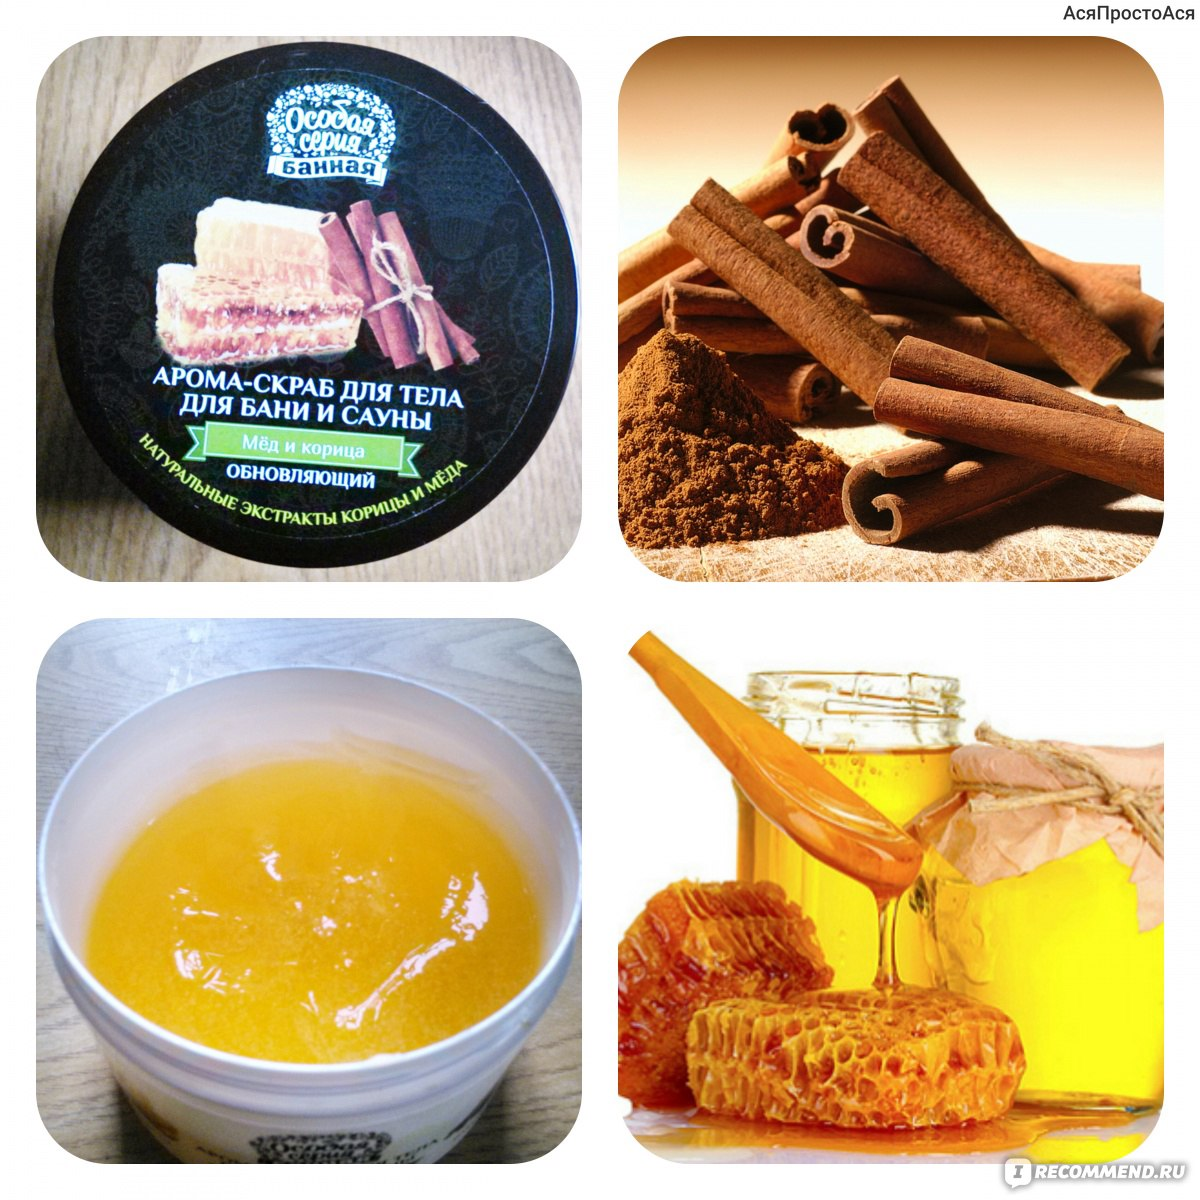 Маски для кожи лица и тела из меда в бане, рецепты